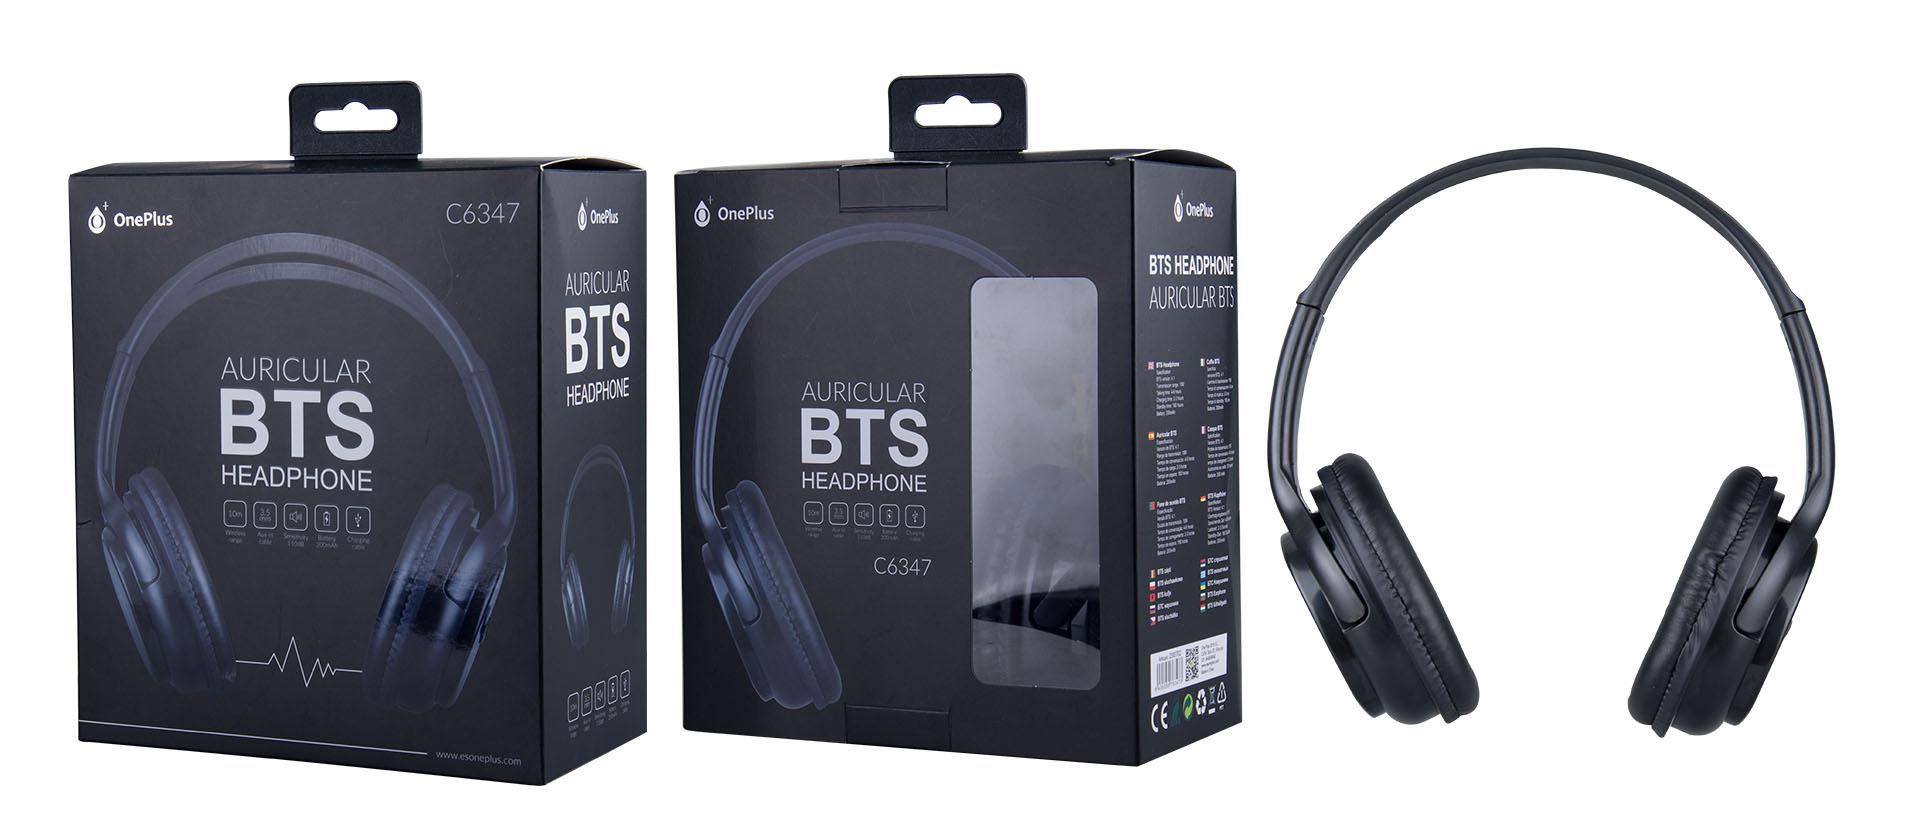 Auriculares Bluetooth Mars, BTS/Audio Negro C6347